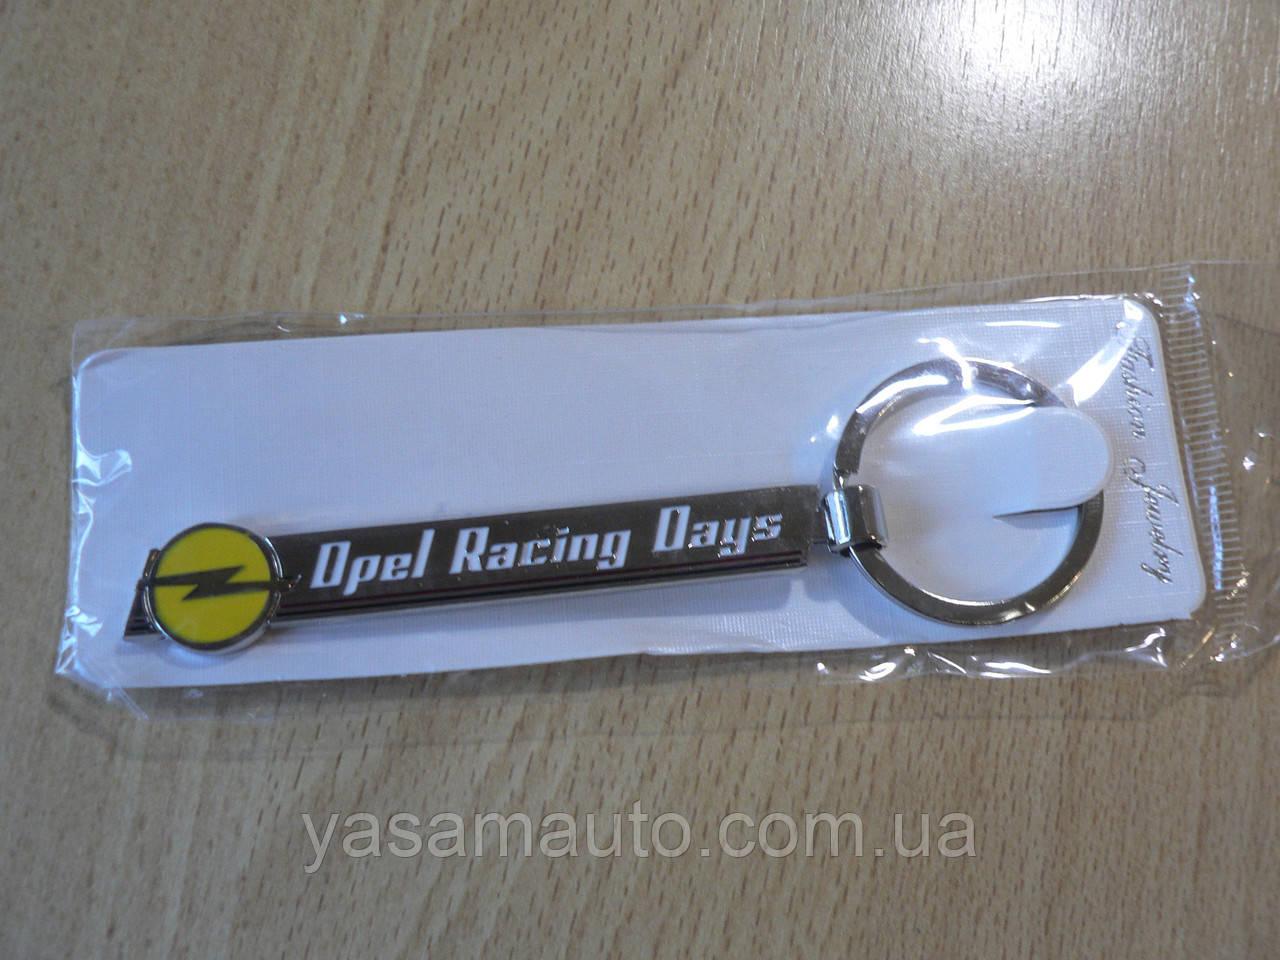 Брелок металевий смуга Opel Racing Days 113мм 20г з написом та емблемою Опель на авто ключі